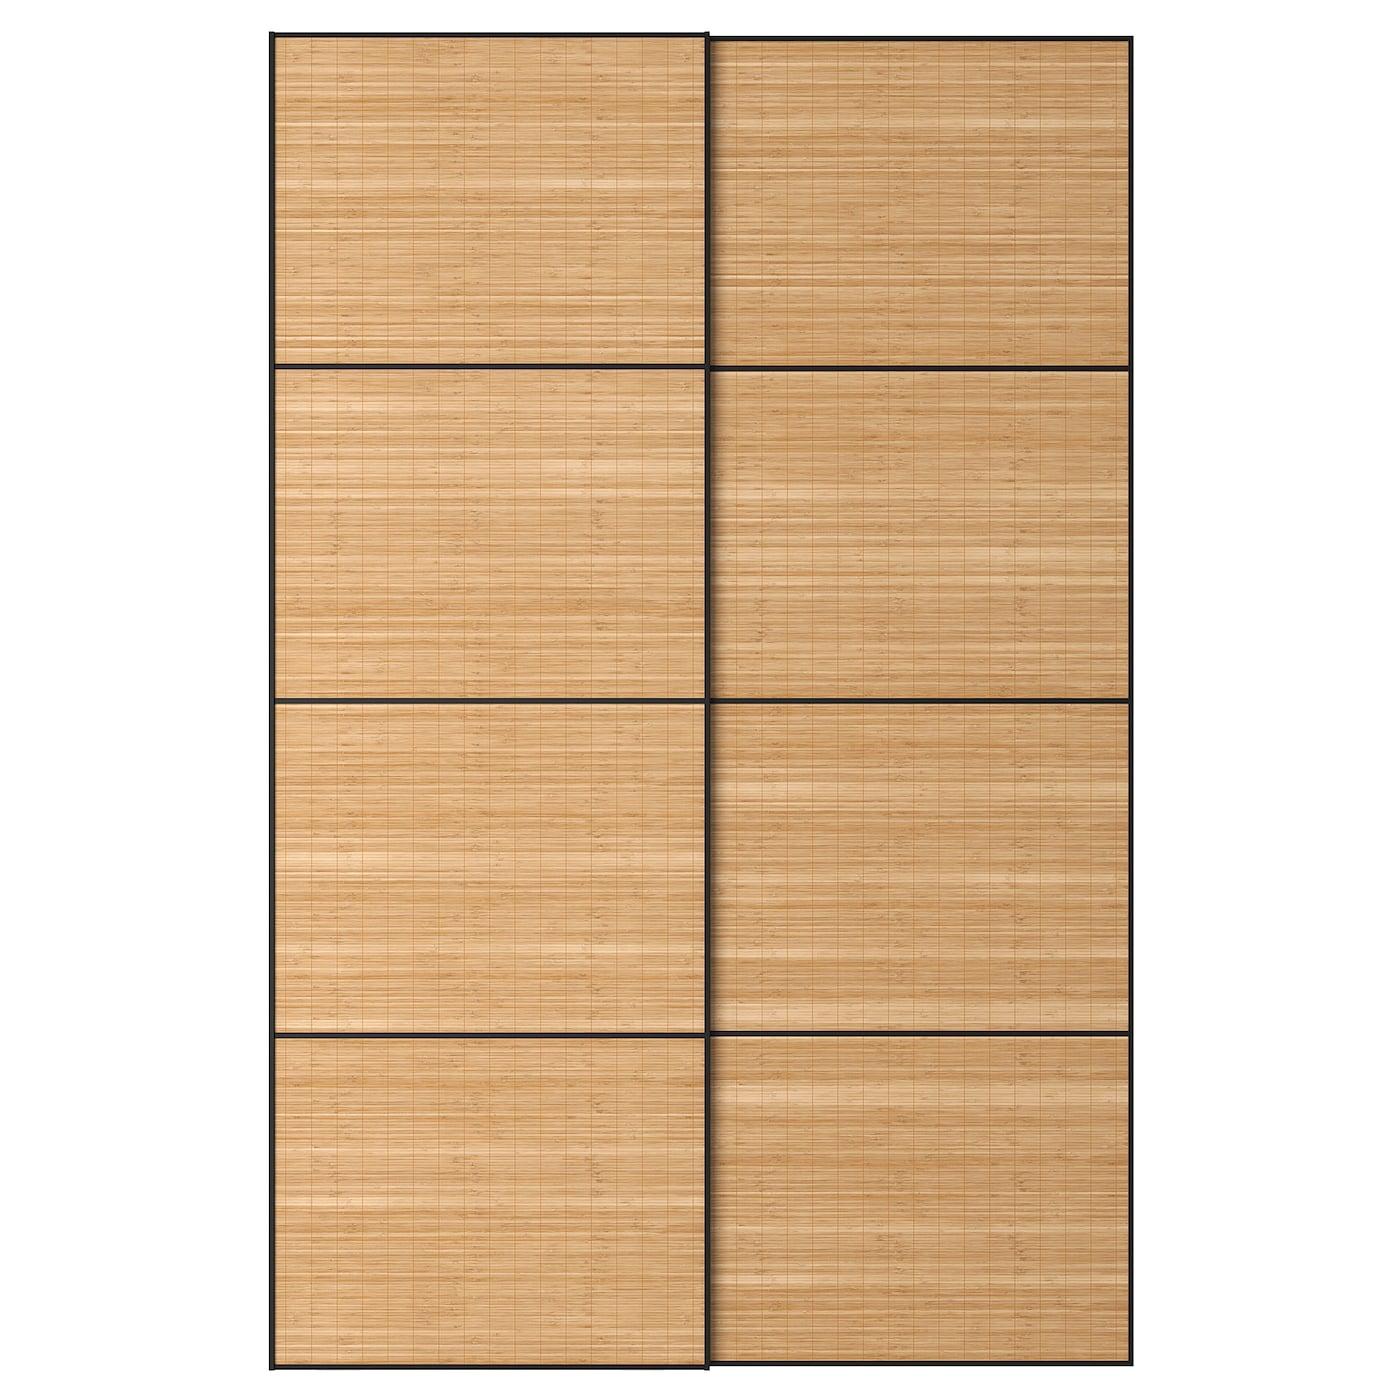 FJELLHAMAR, Schiebetürpaar, Bambus dunkel, 892.440.28